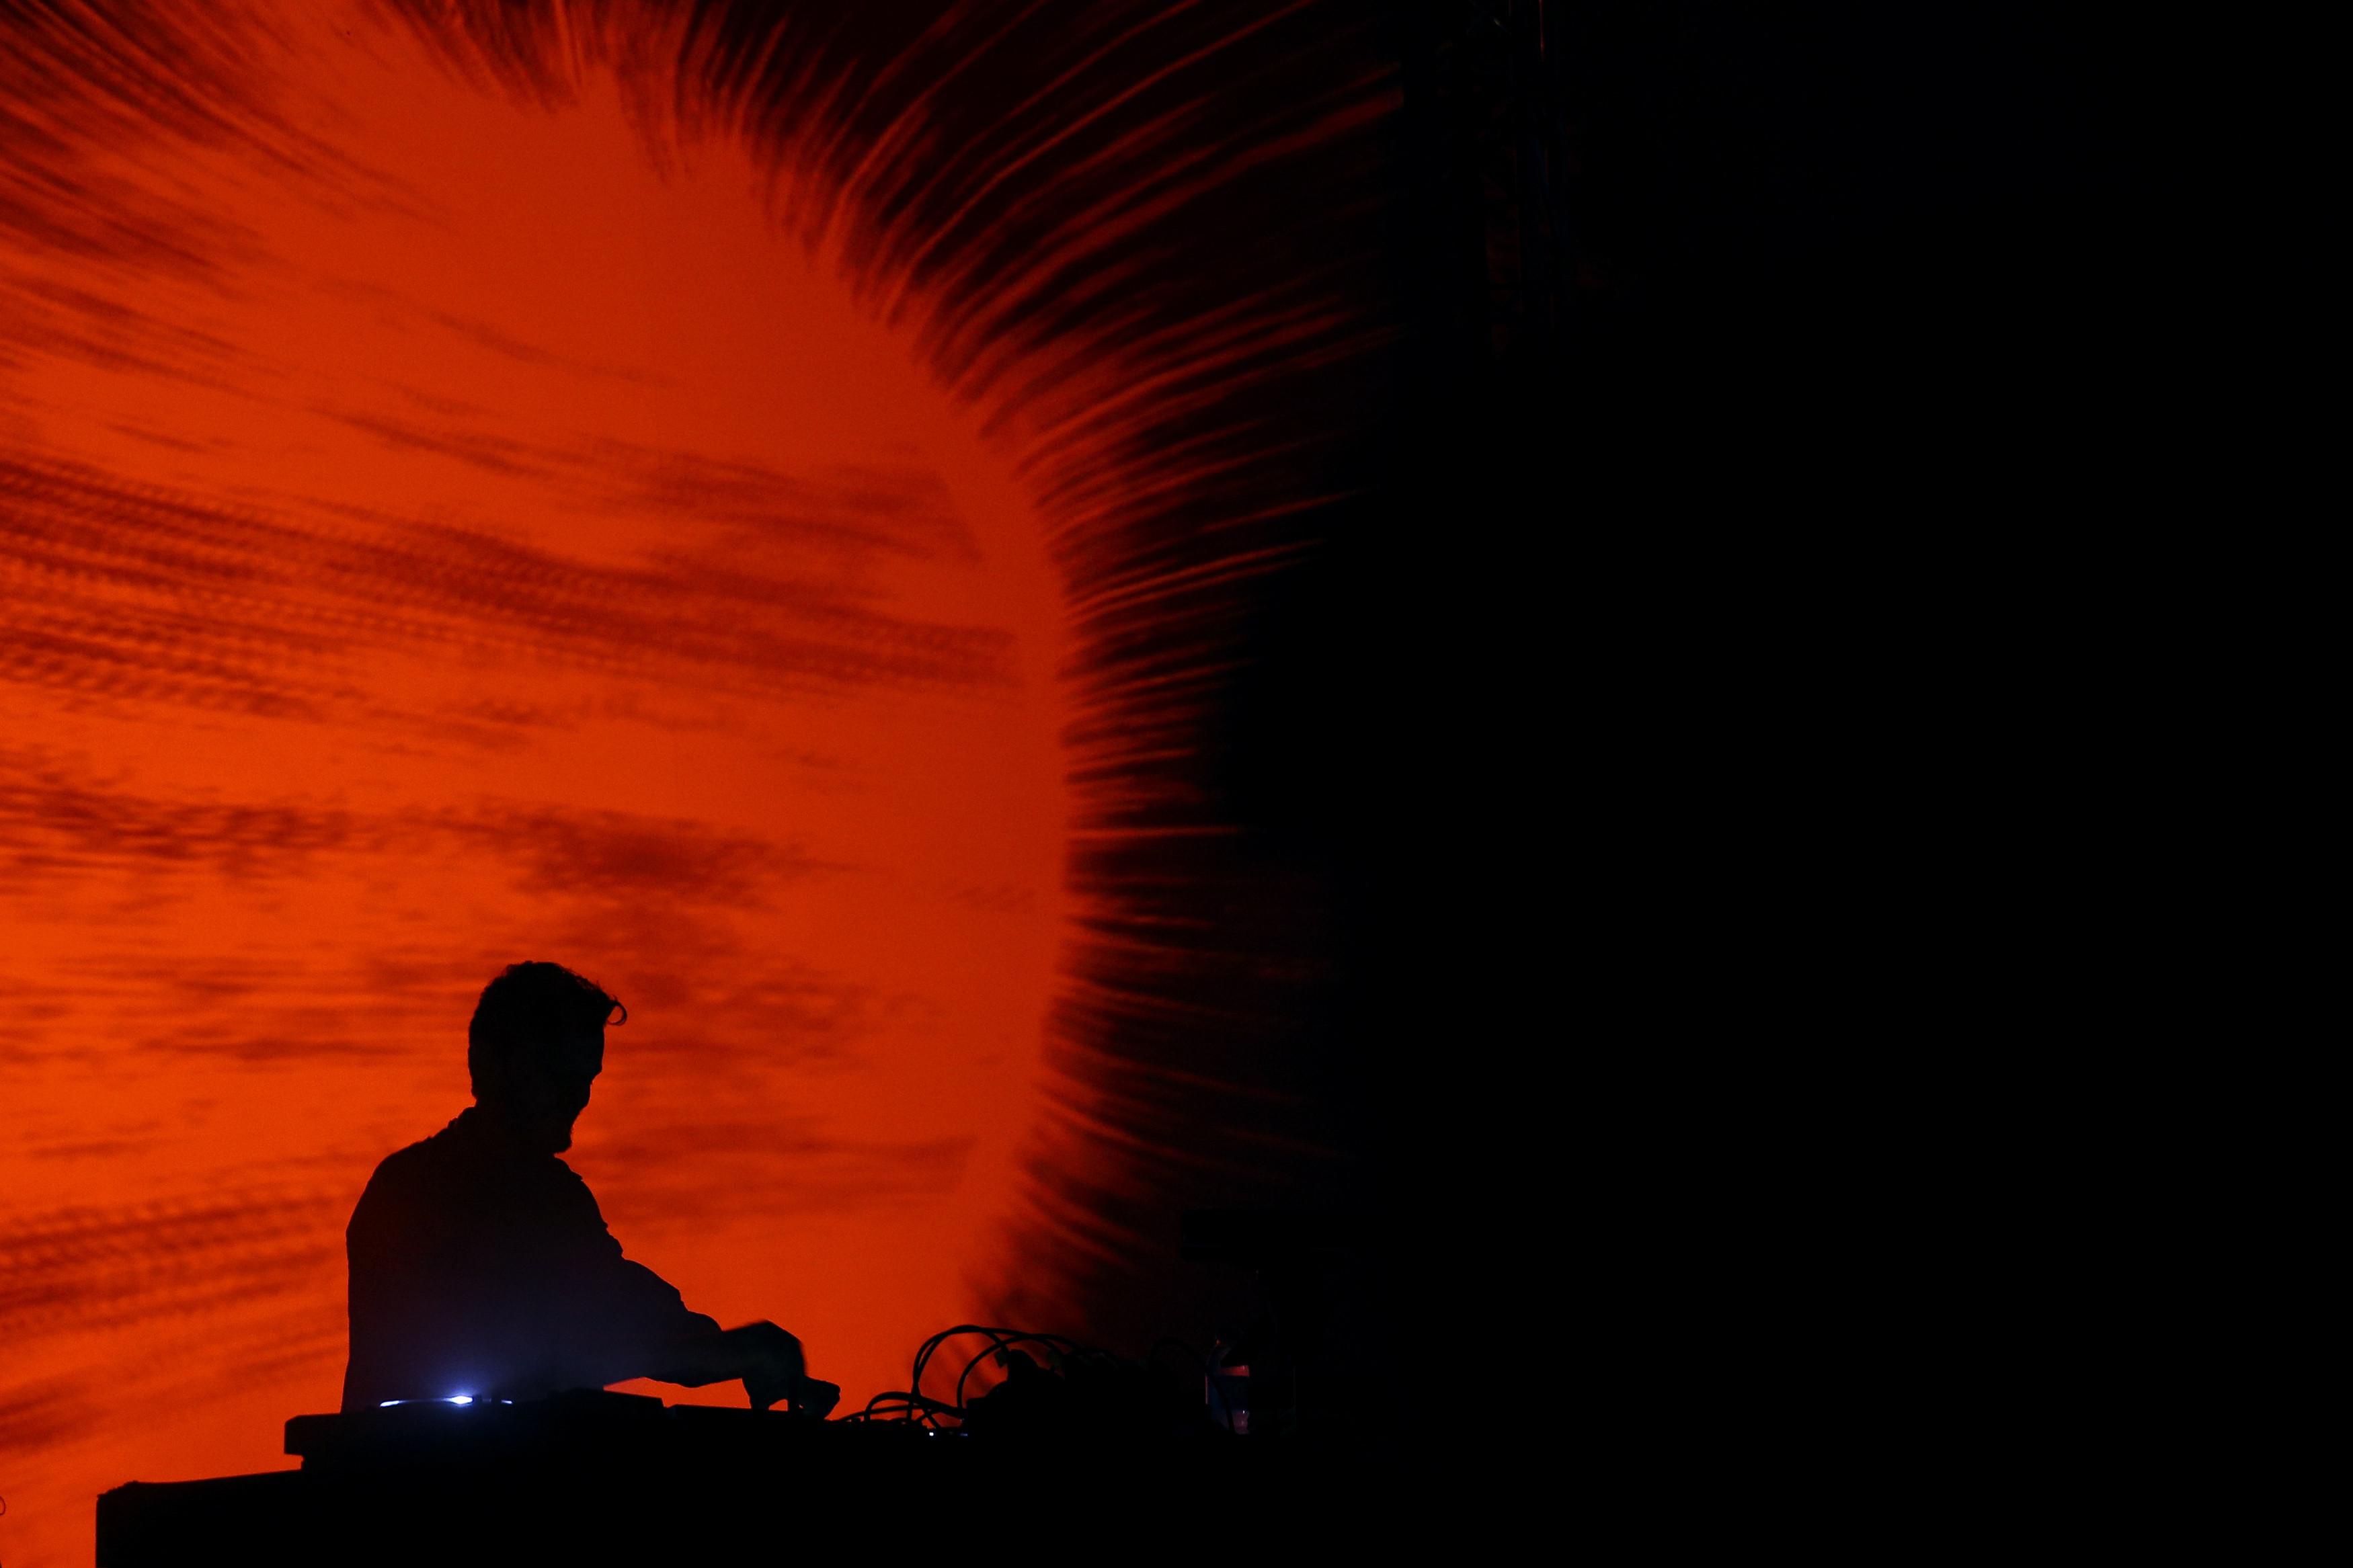 Música eletrónica em destaque no festival ID que se estreia em março